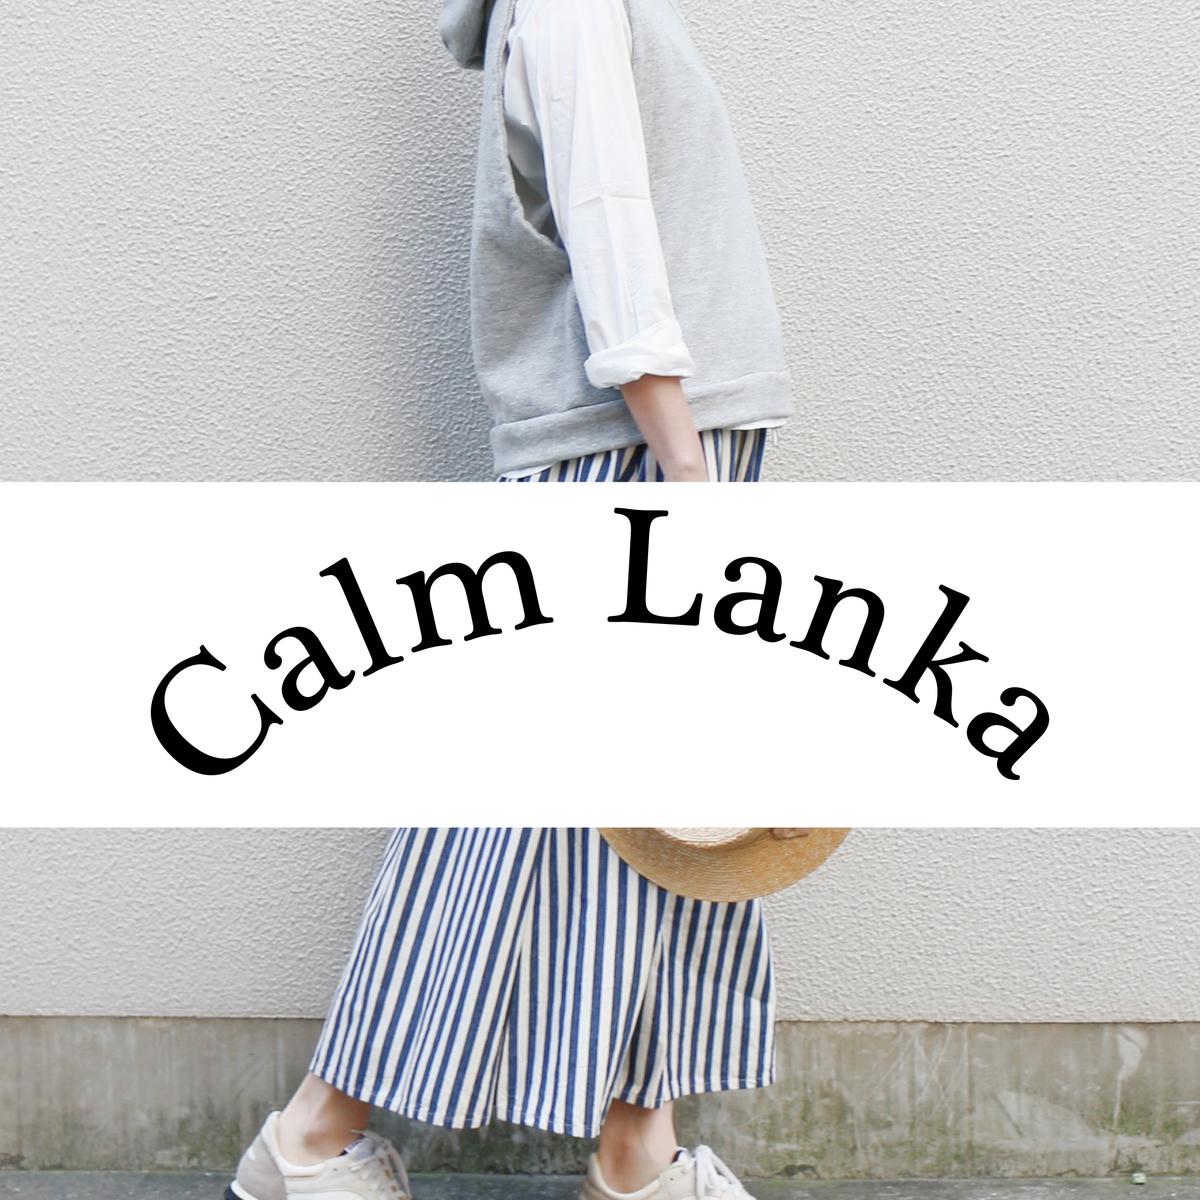 f:id:lanka-b:20190318151300j:plain